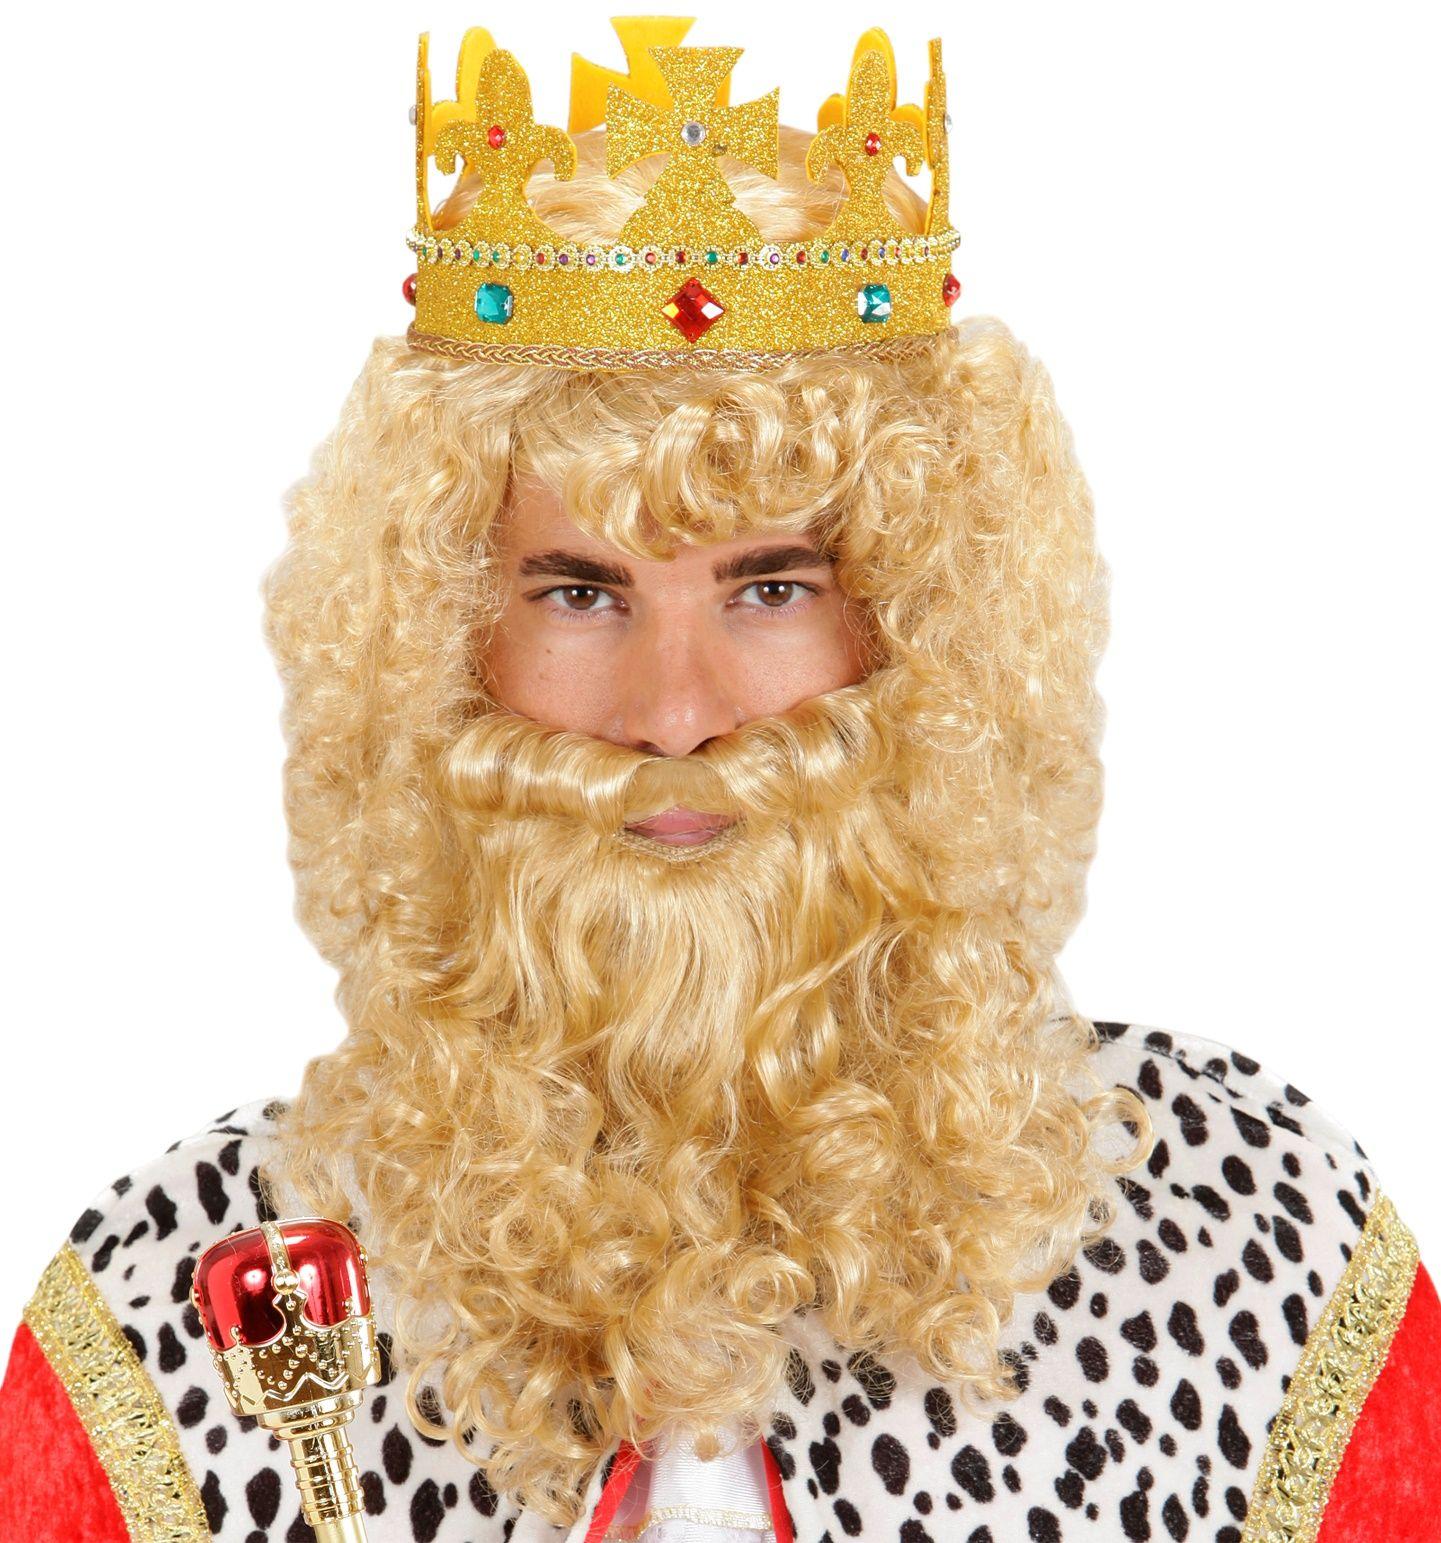 Koning pruik met baard en snor